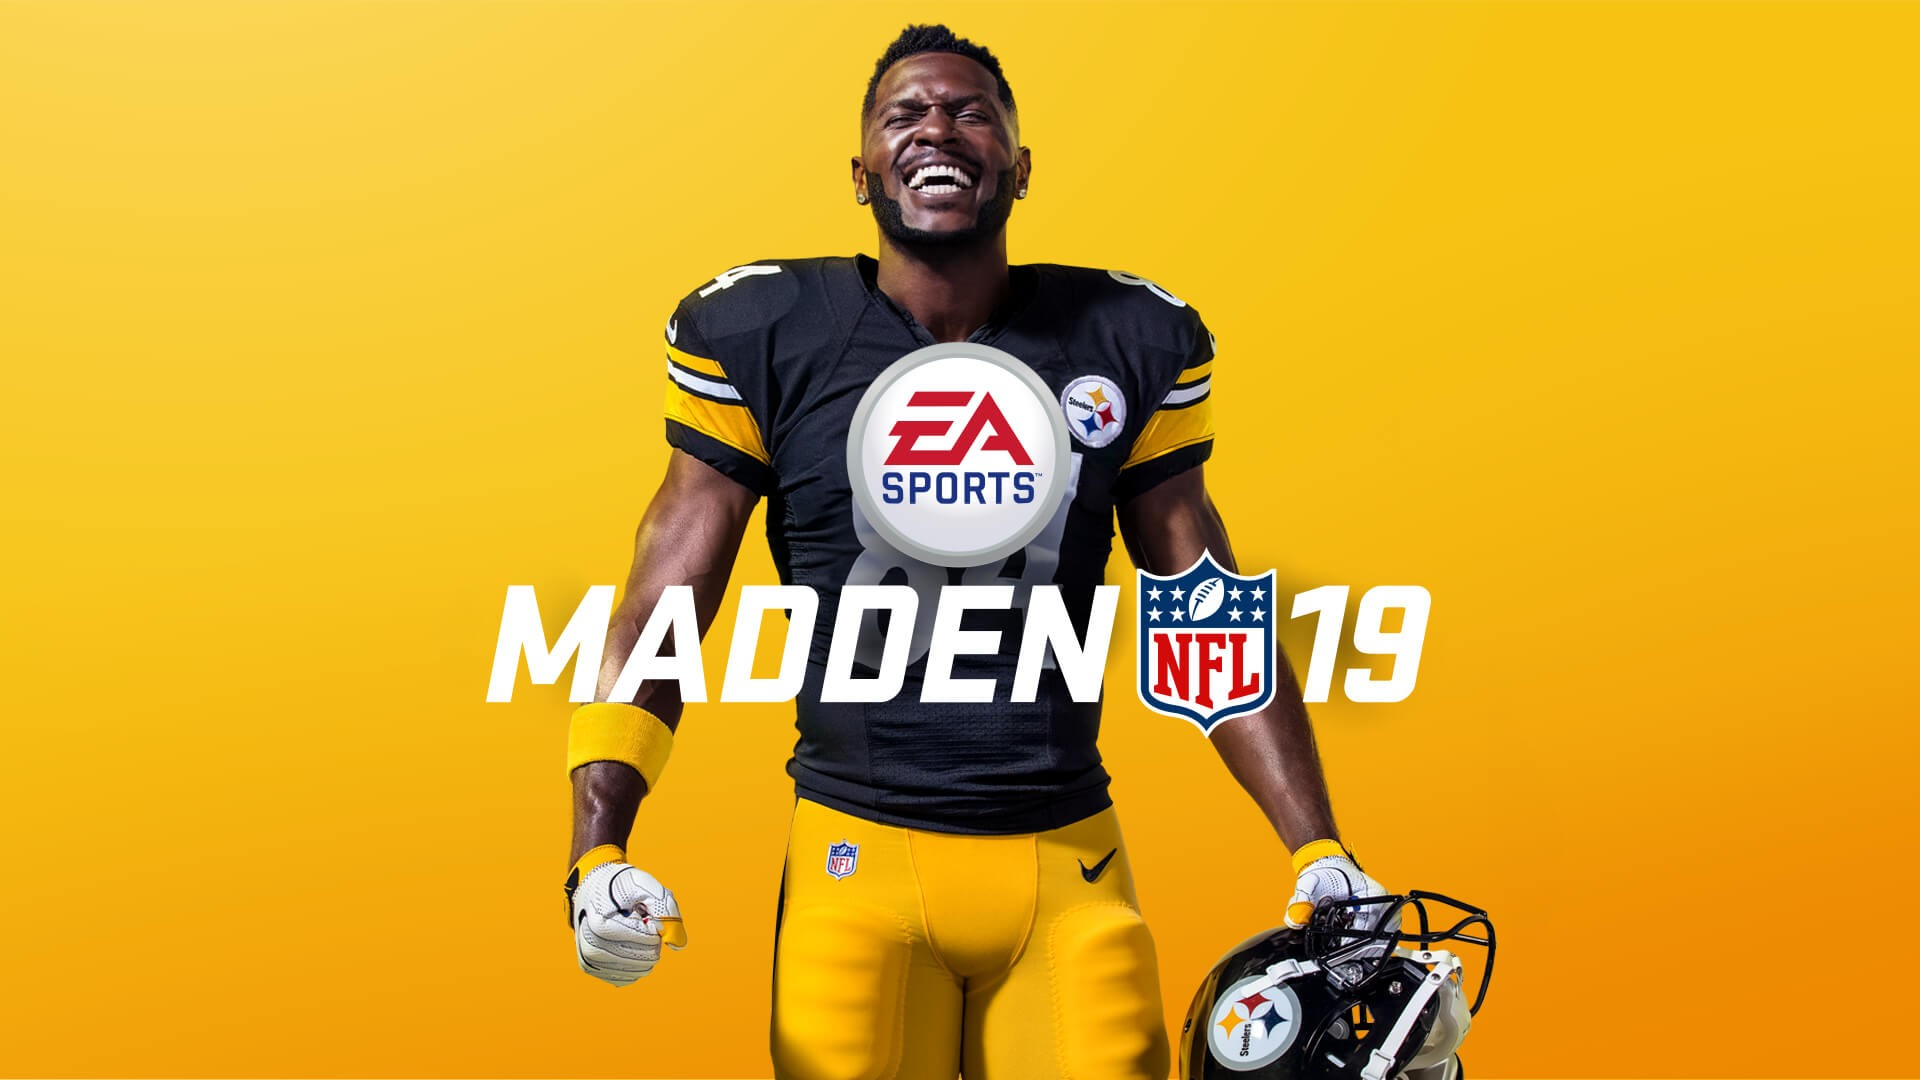 Madden NFL- 2019, John Debney, composer